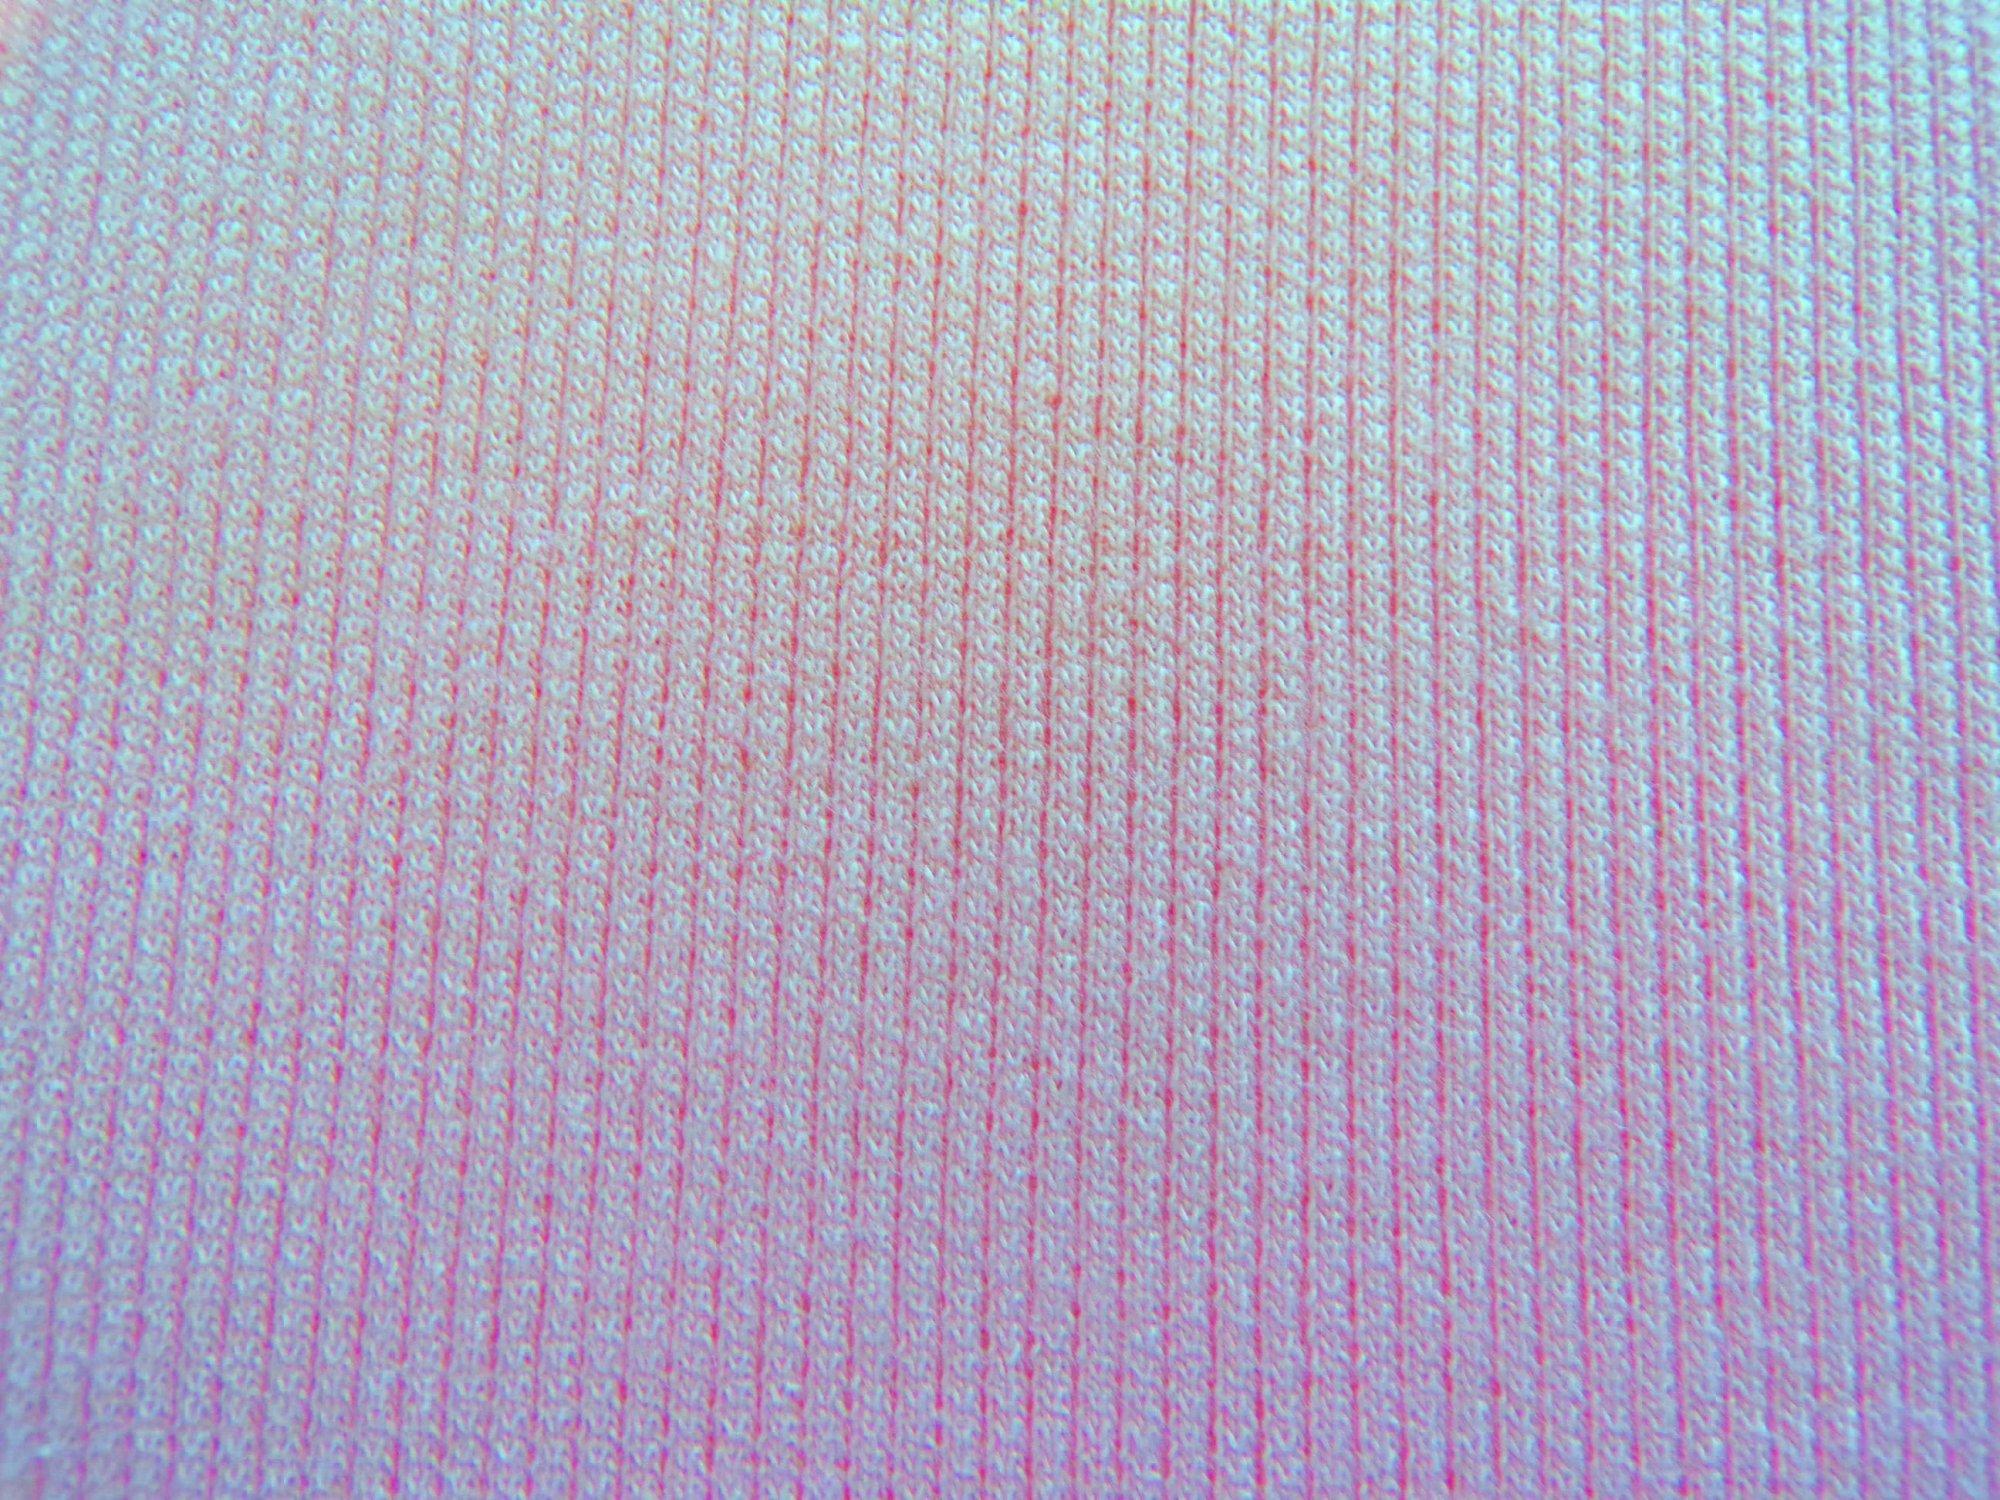 Cotton Lycra Ribbed Knit - Pale Pink